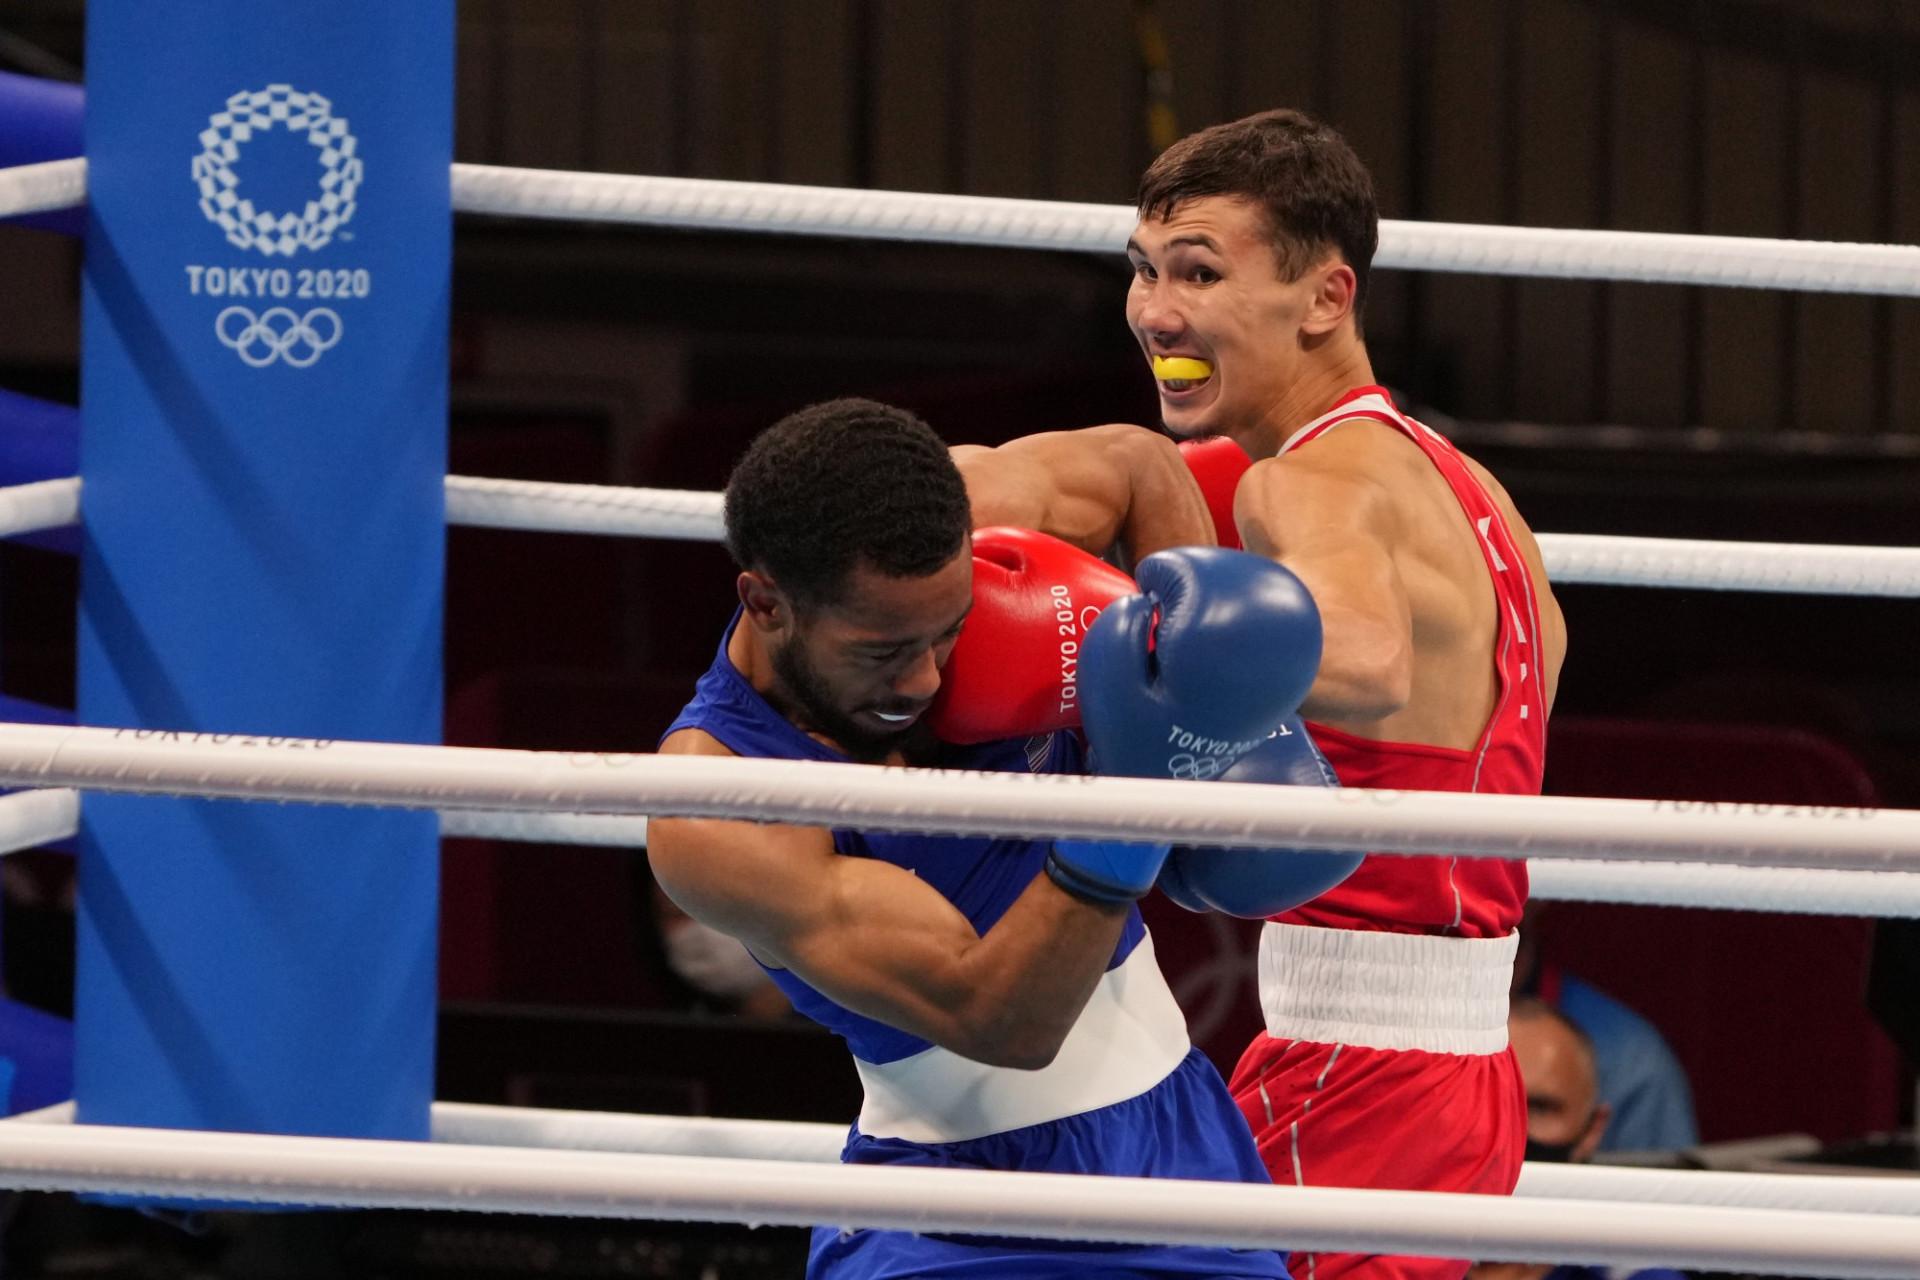 Серік Теміржанов Токиодағы Олимпиада ойындарын аяқтады